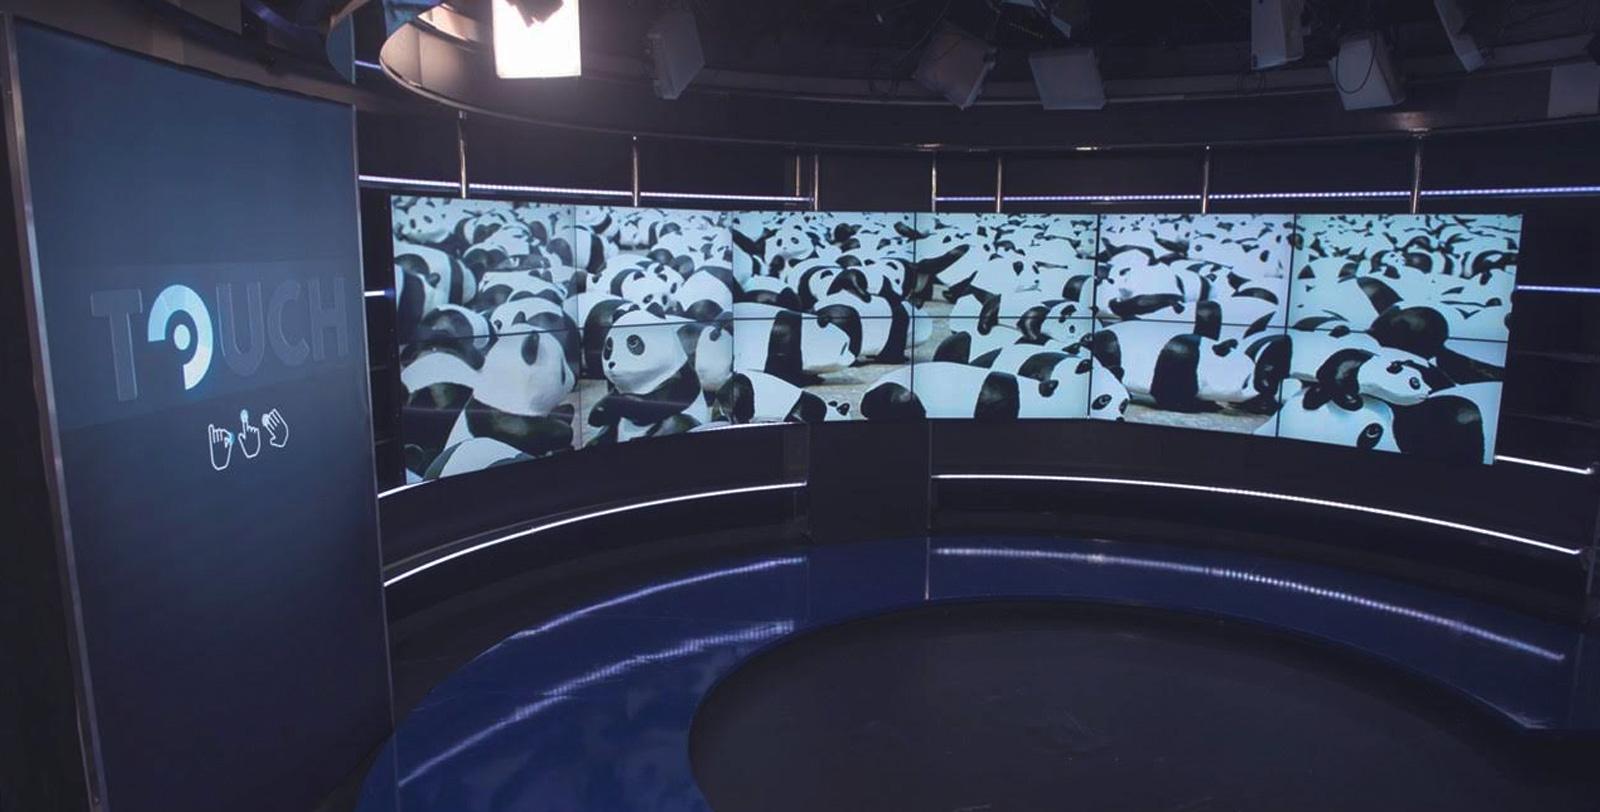 הצגת התמונה במסכי המובייל בסנכרון לתמונה המצוגת בשידור החי